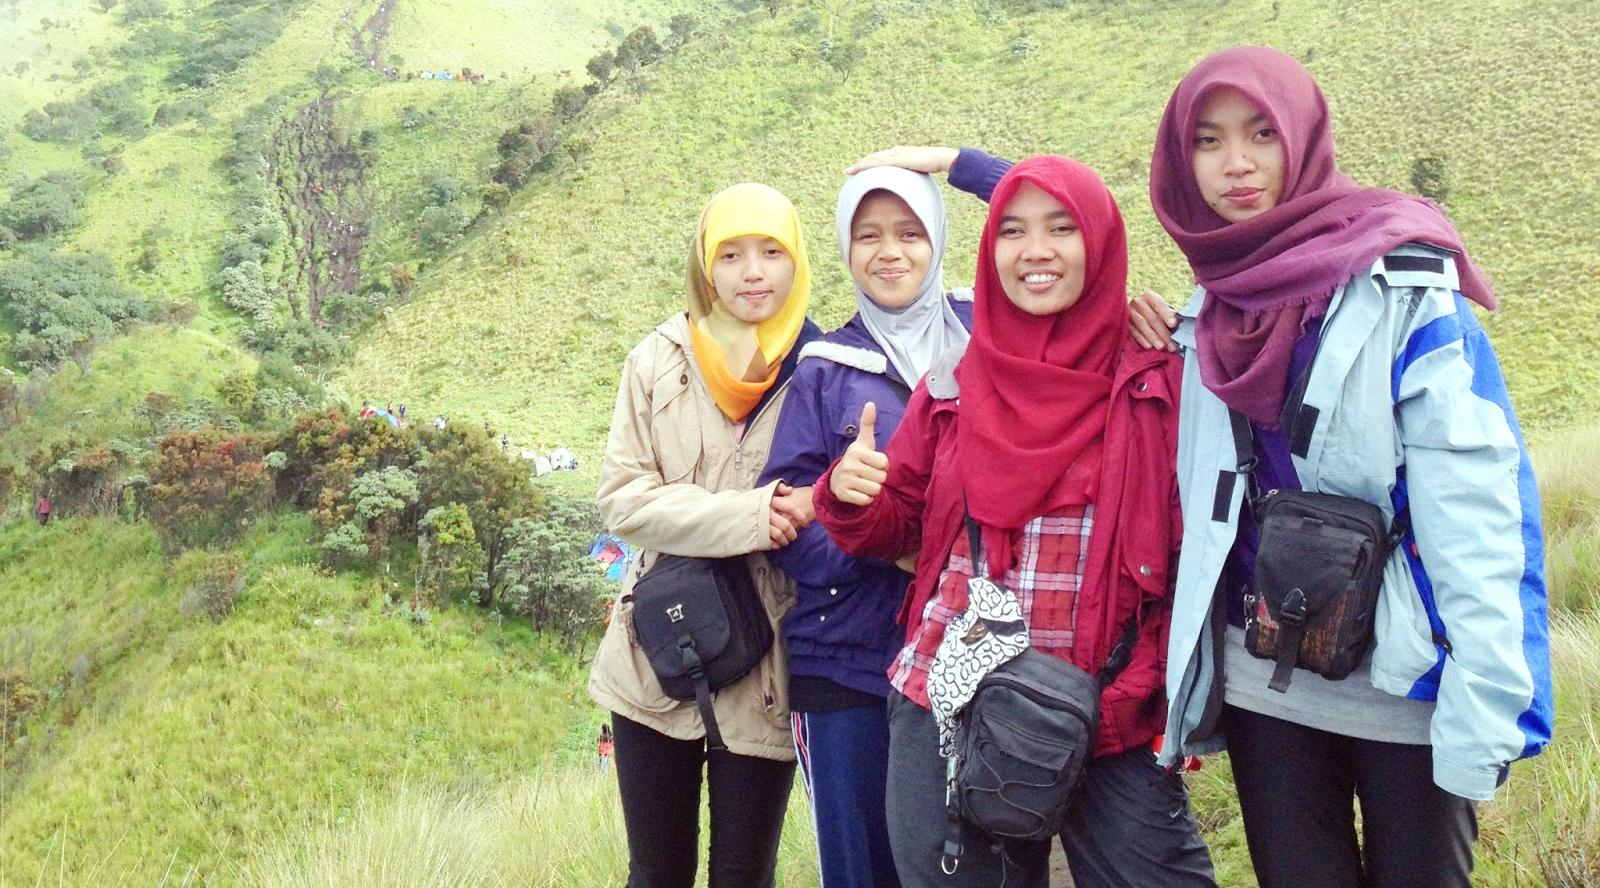 cewek cantik pakai hijab cantik mendaki gunung bareng cowok